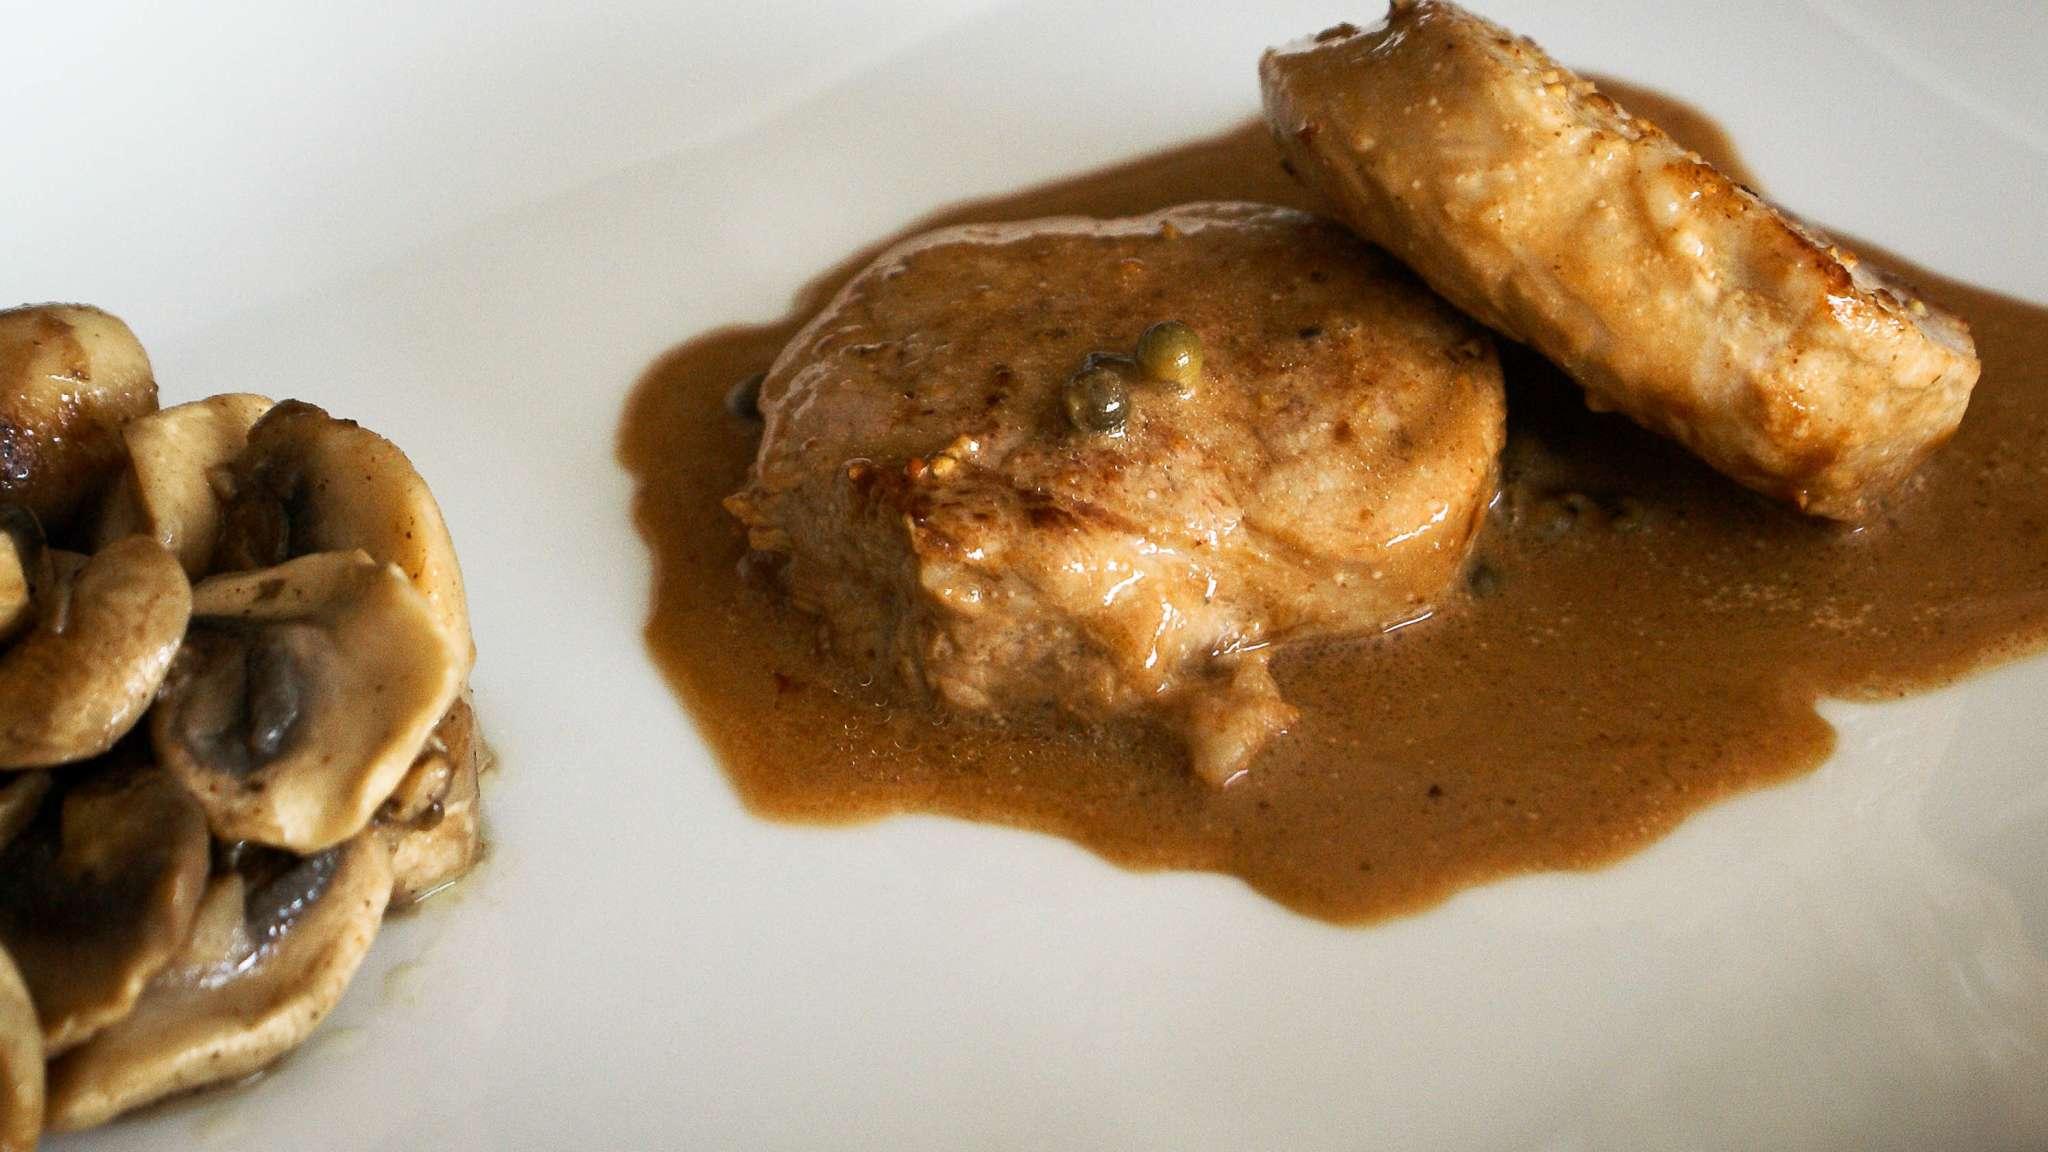 Le filet mignon, de porc ou de veau c'est selon...